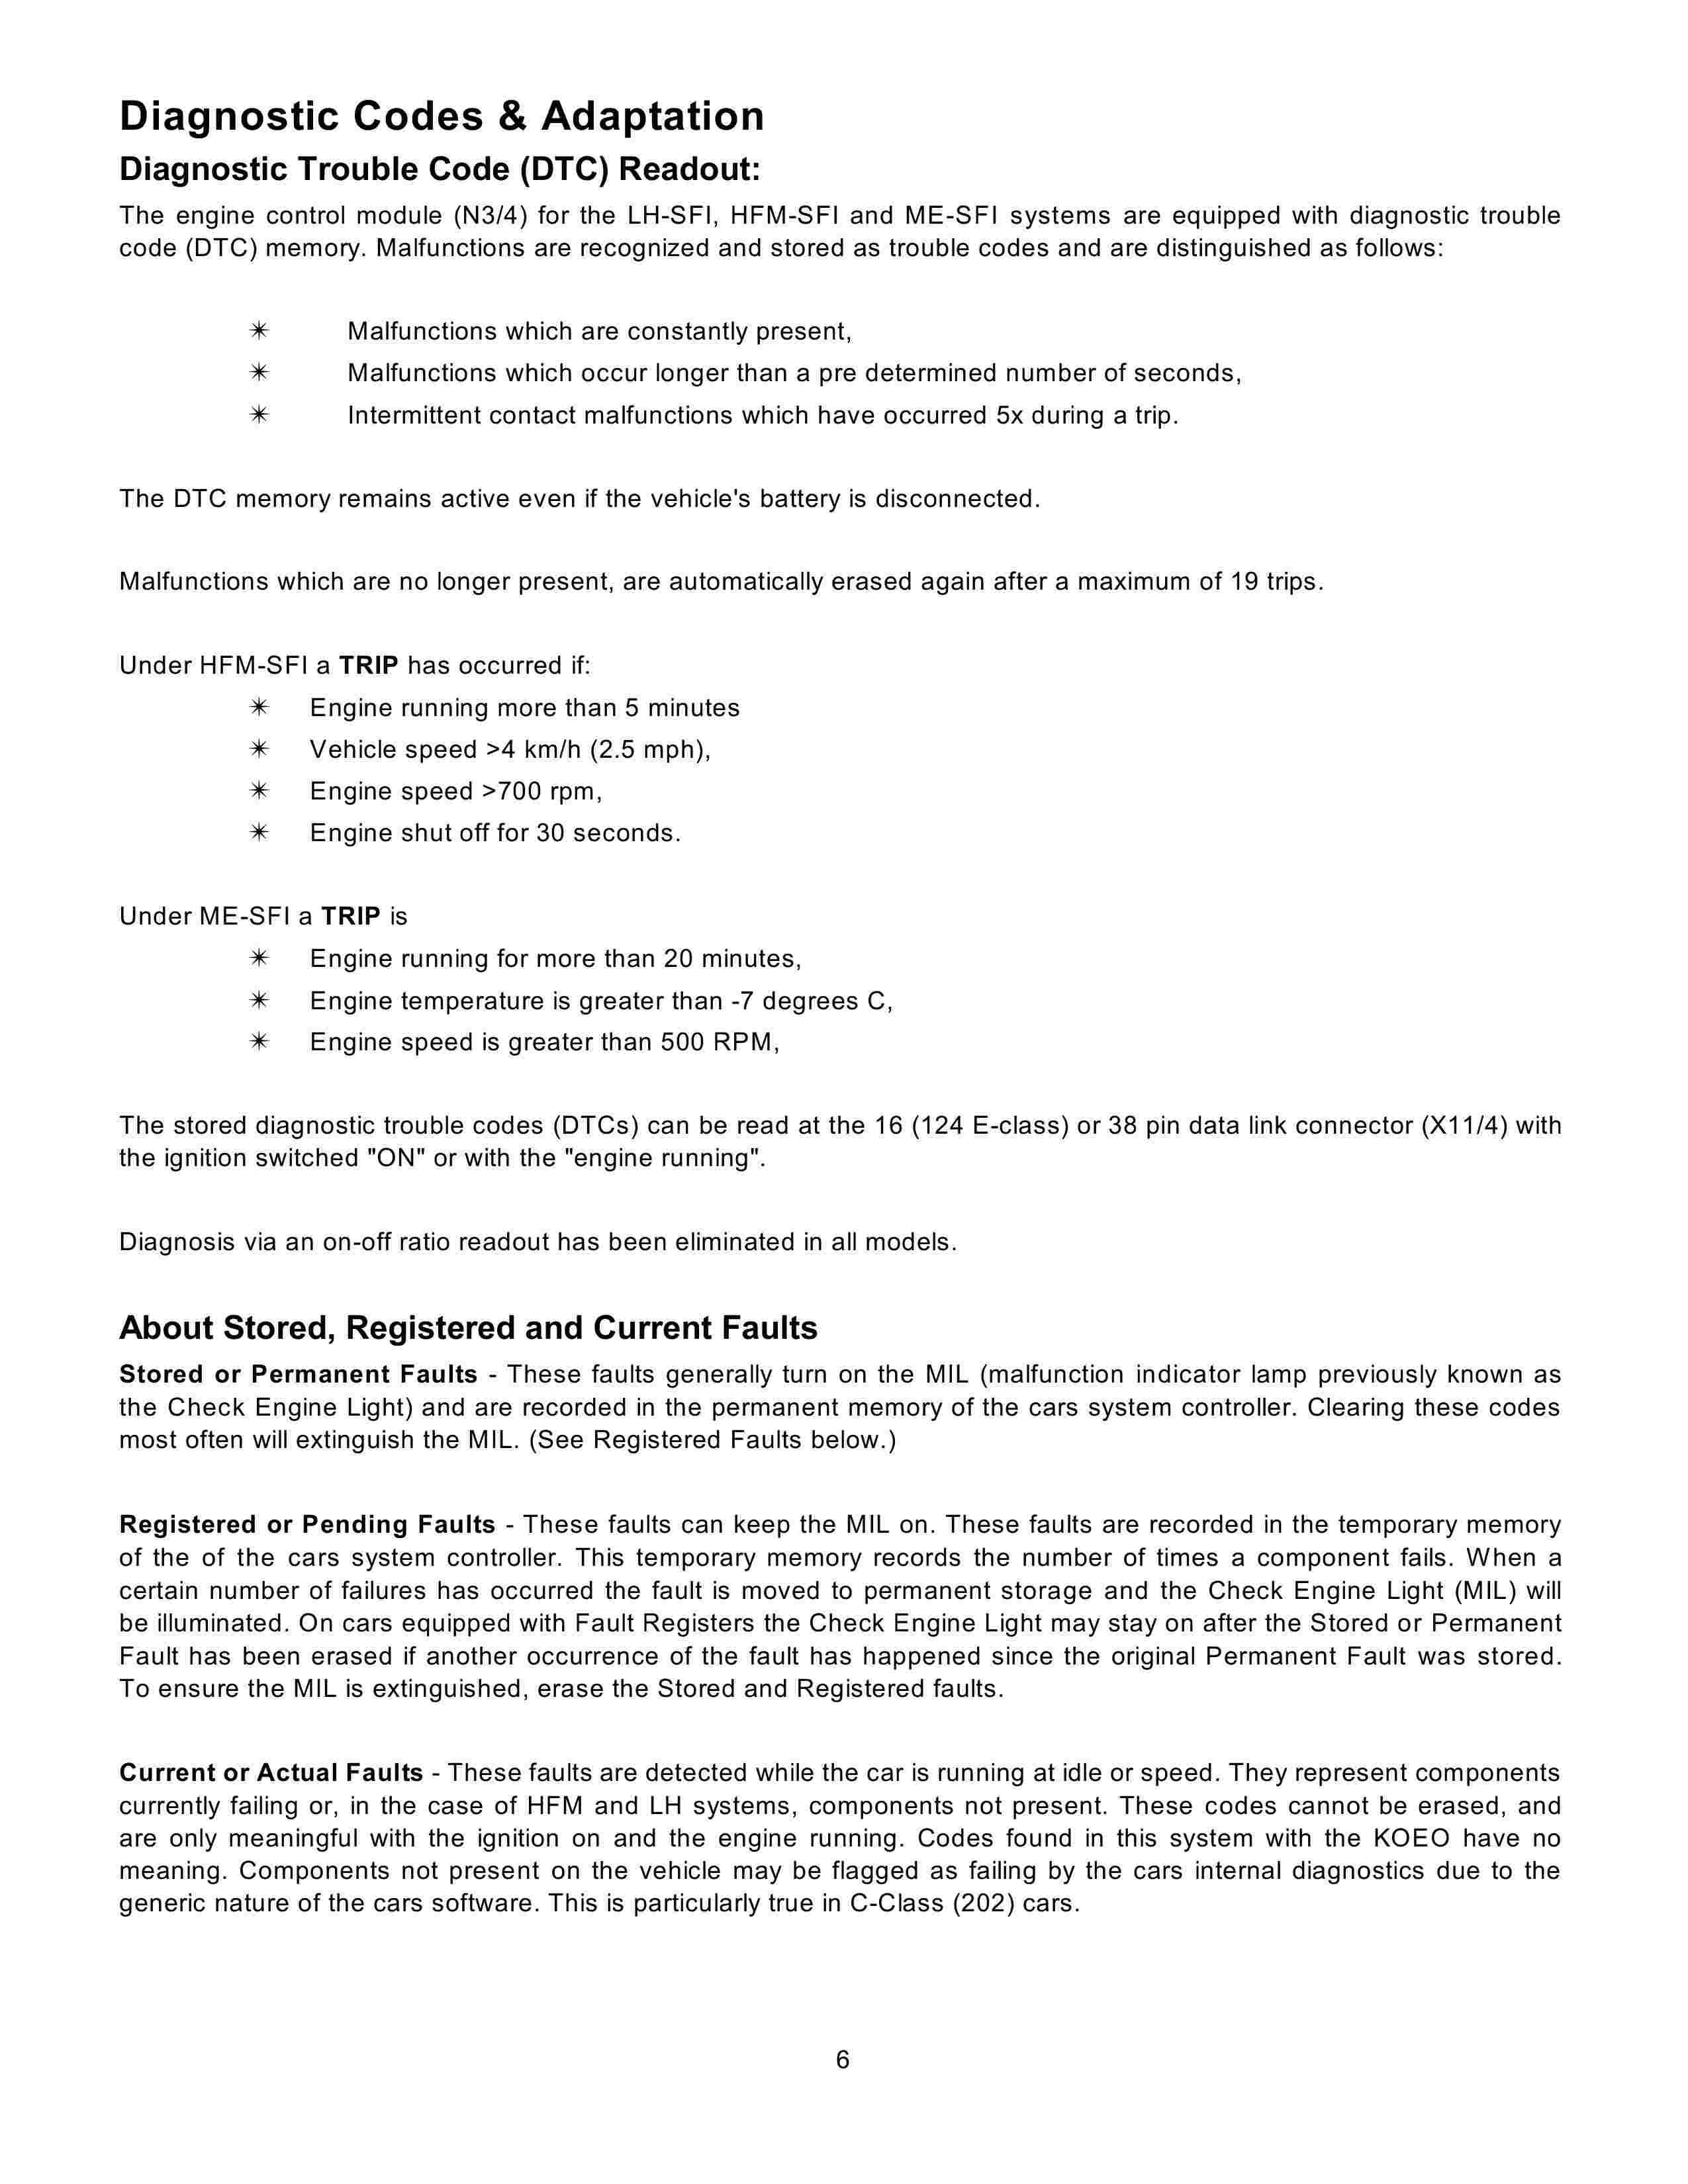 (AJUDA GERAL): Manual de códigos das falhas - analógico e digital - 1988 a 2000 0006_413